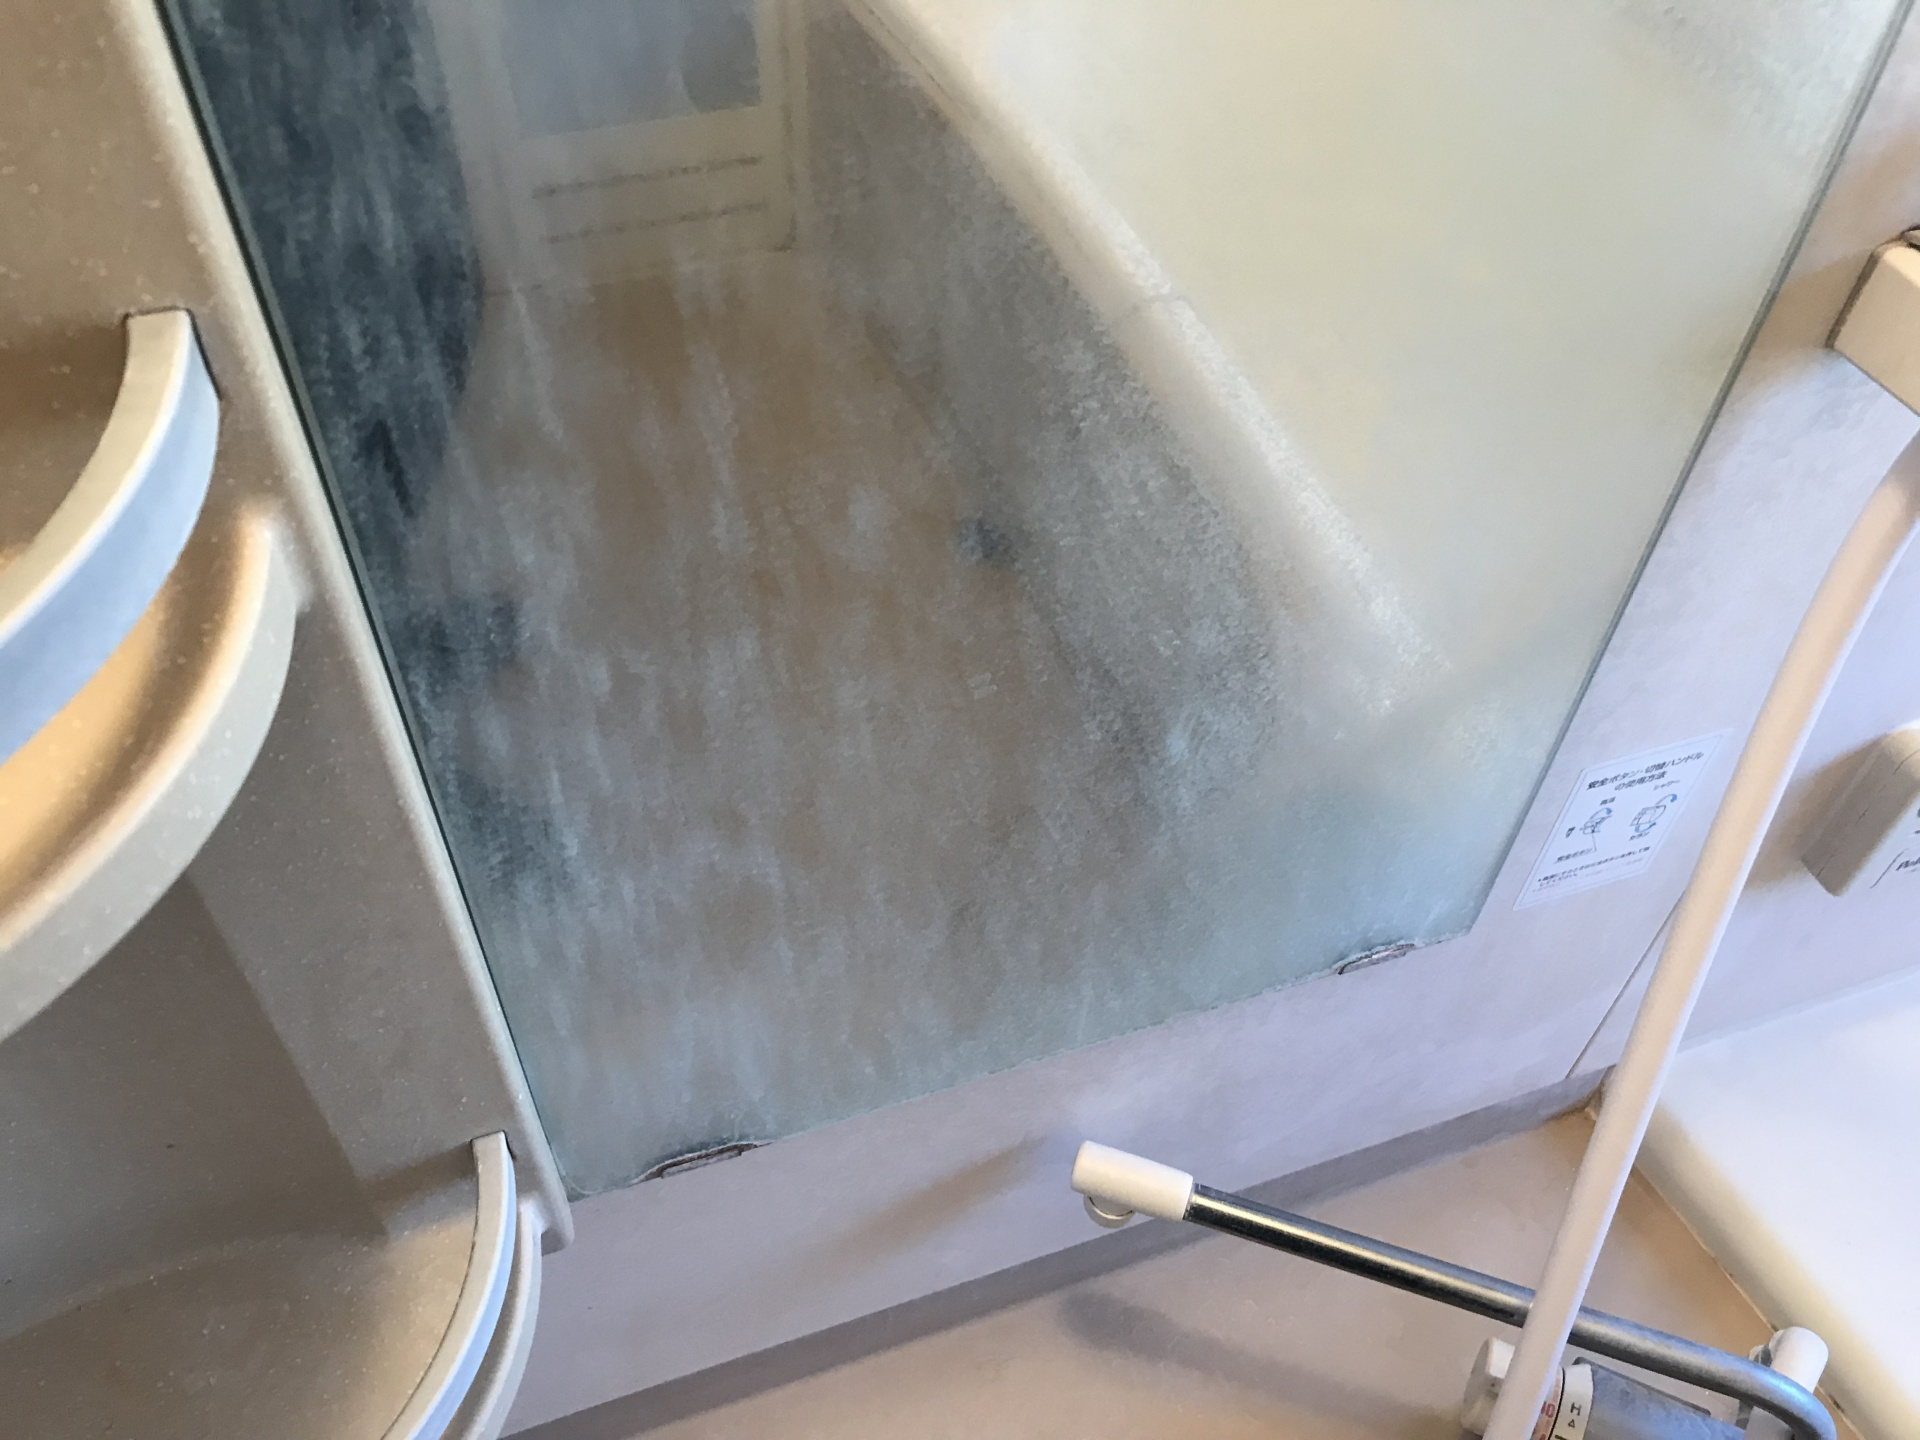 鏡にもけっこう水垢ついていますね